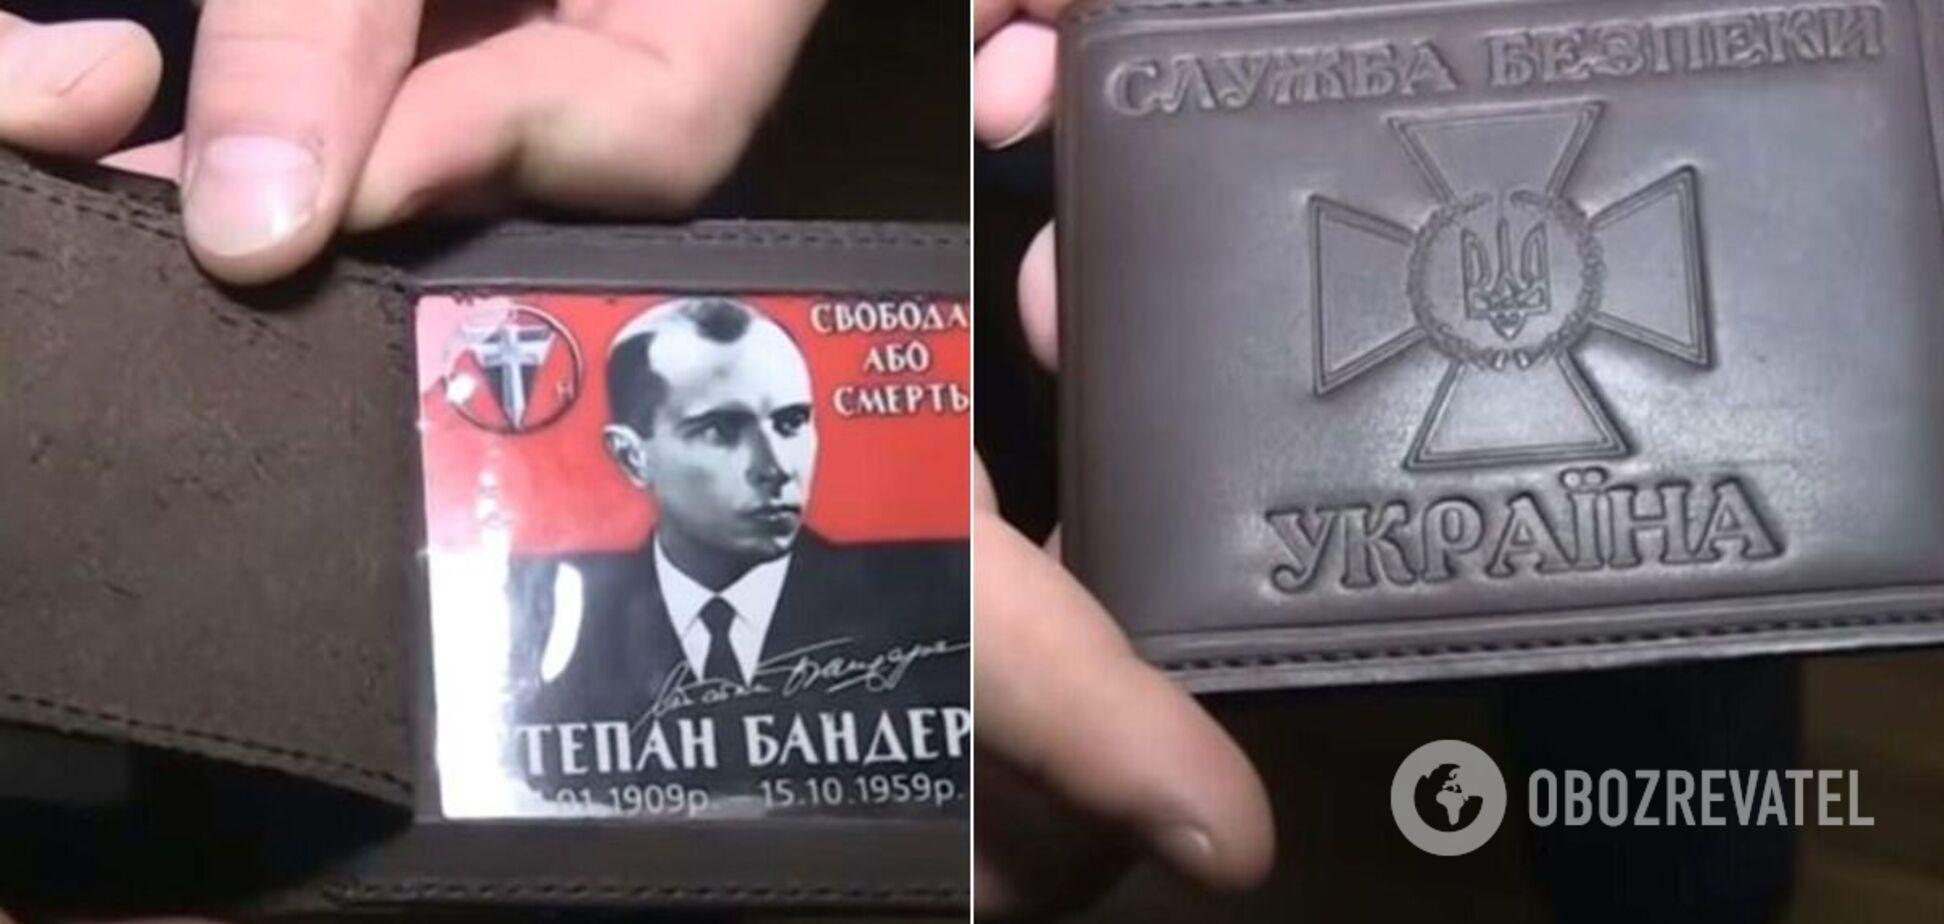 В Беларуси у задержанного нашли 'удостоверение СБУ' с фото Бандеры. Видео